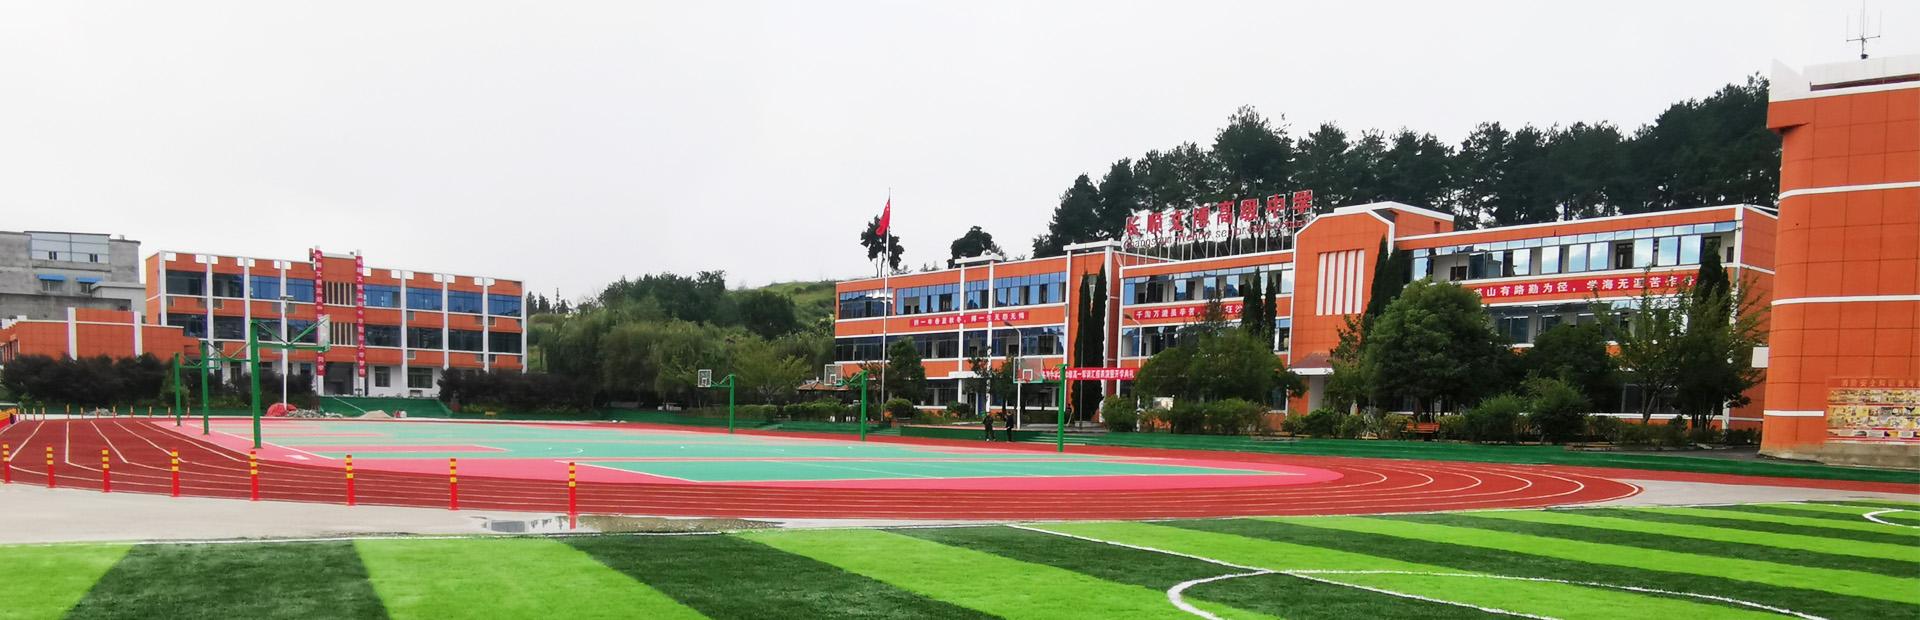 贵州长顺县文博 高 级 中学,管理模式,教学模式